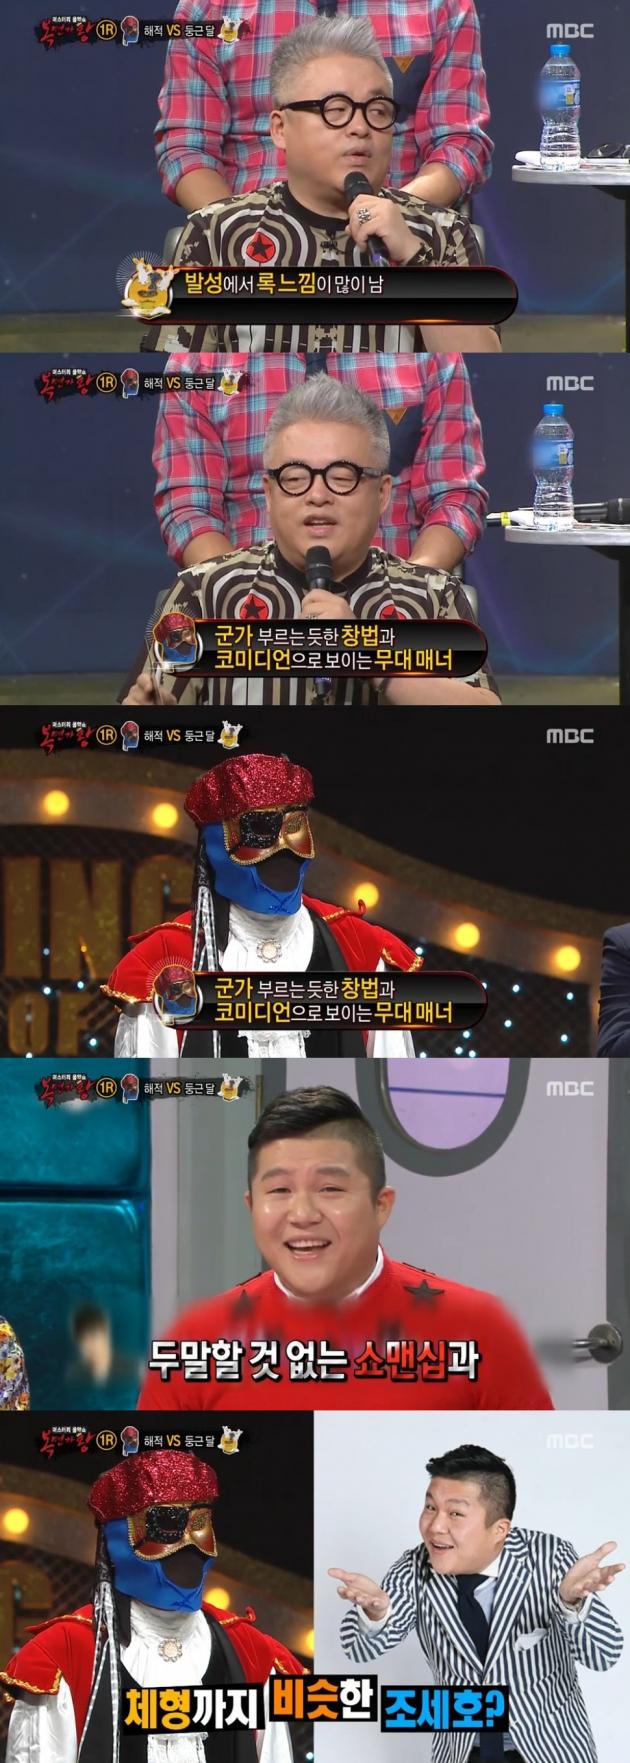 '복면가왕' 해적 / '복면가왕' 해적 사진=MBC 방송 캡처